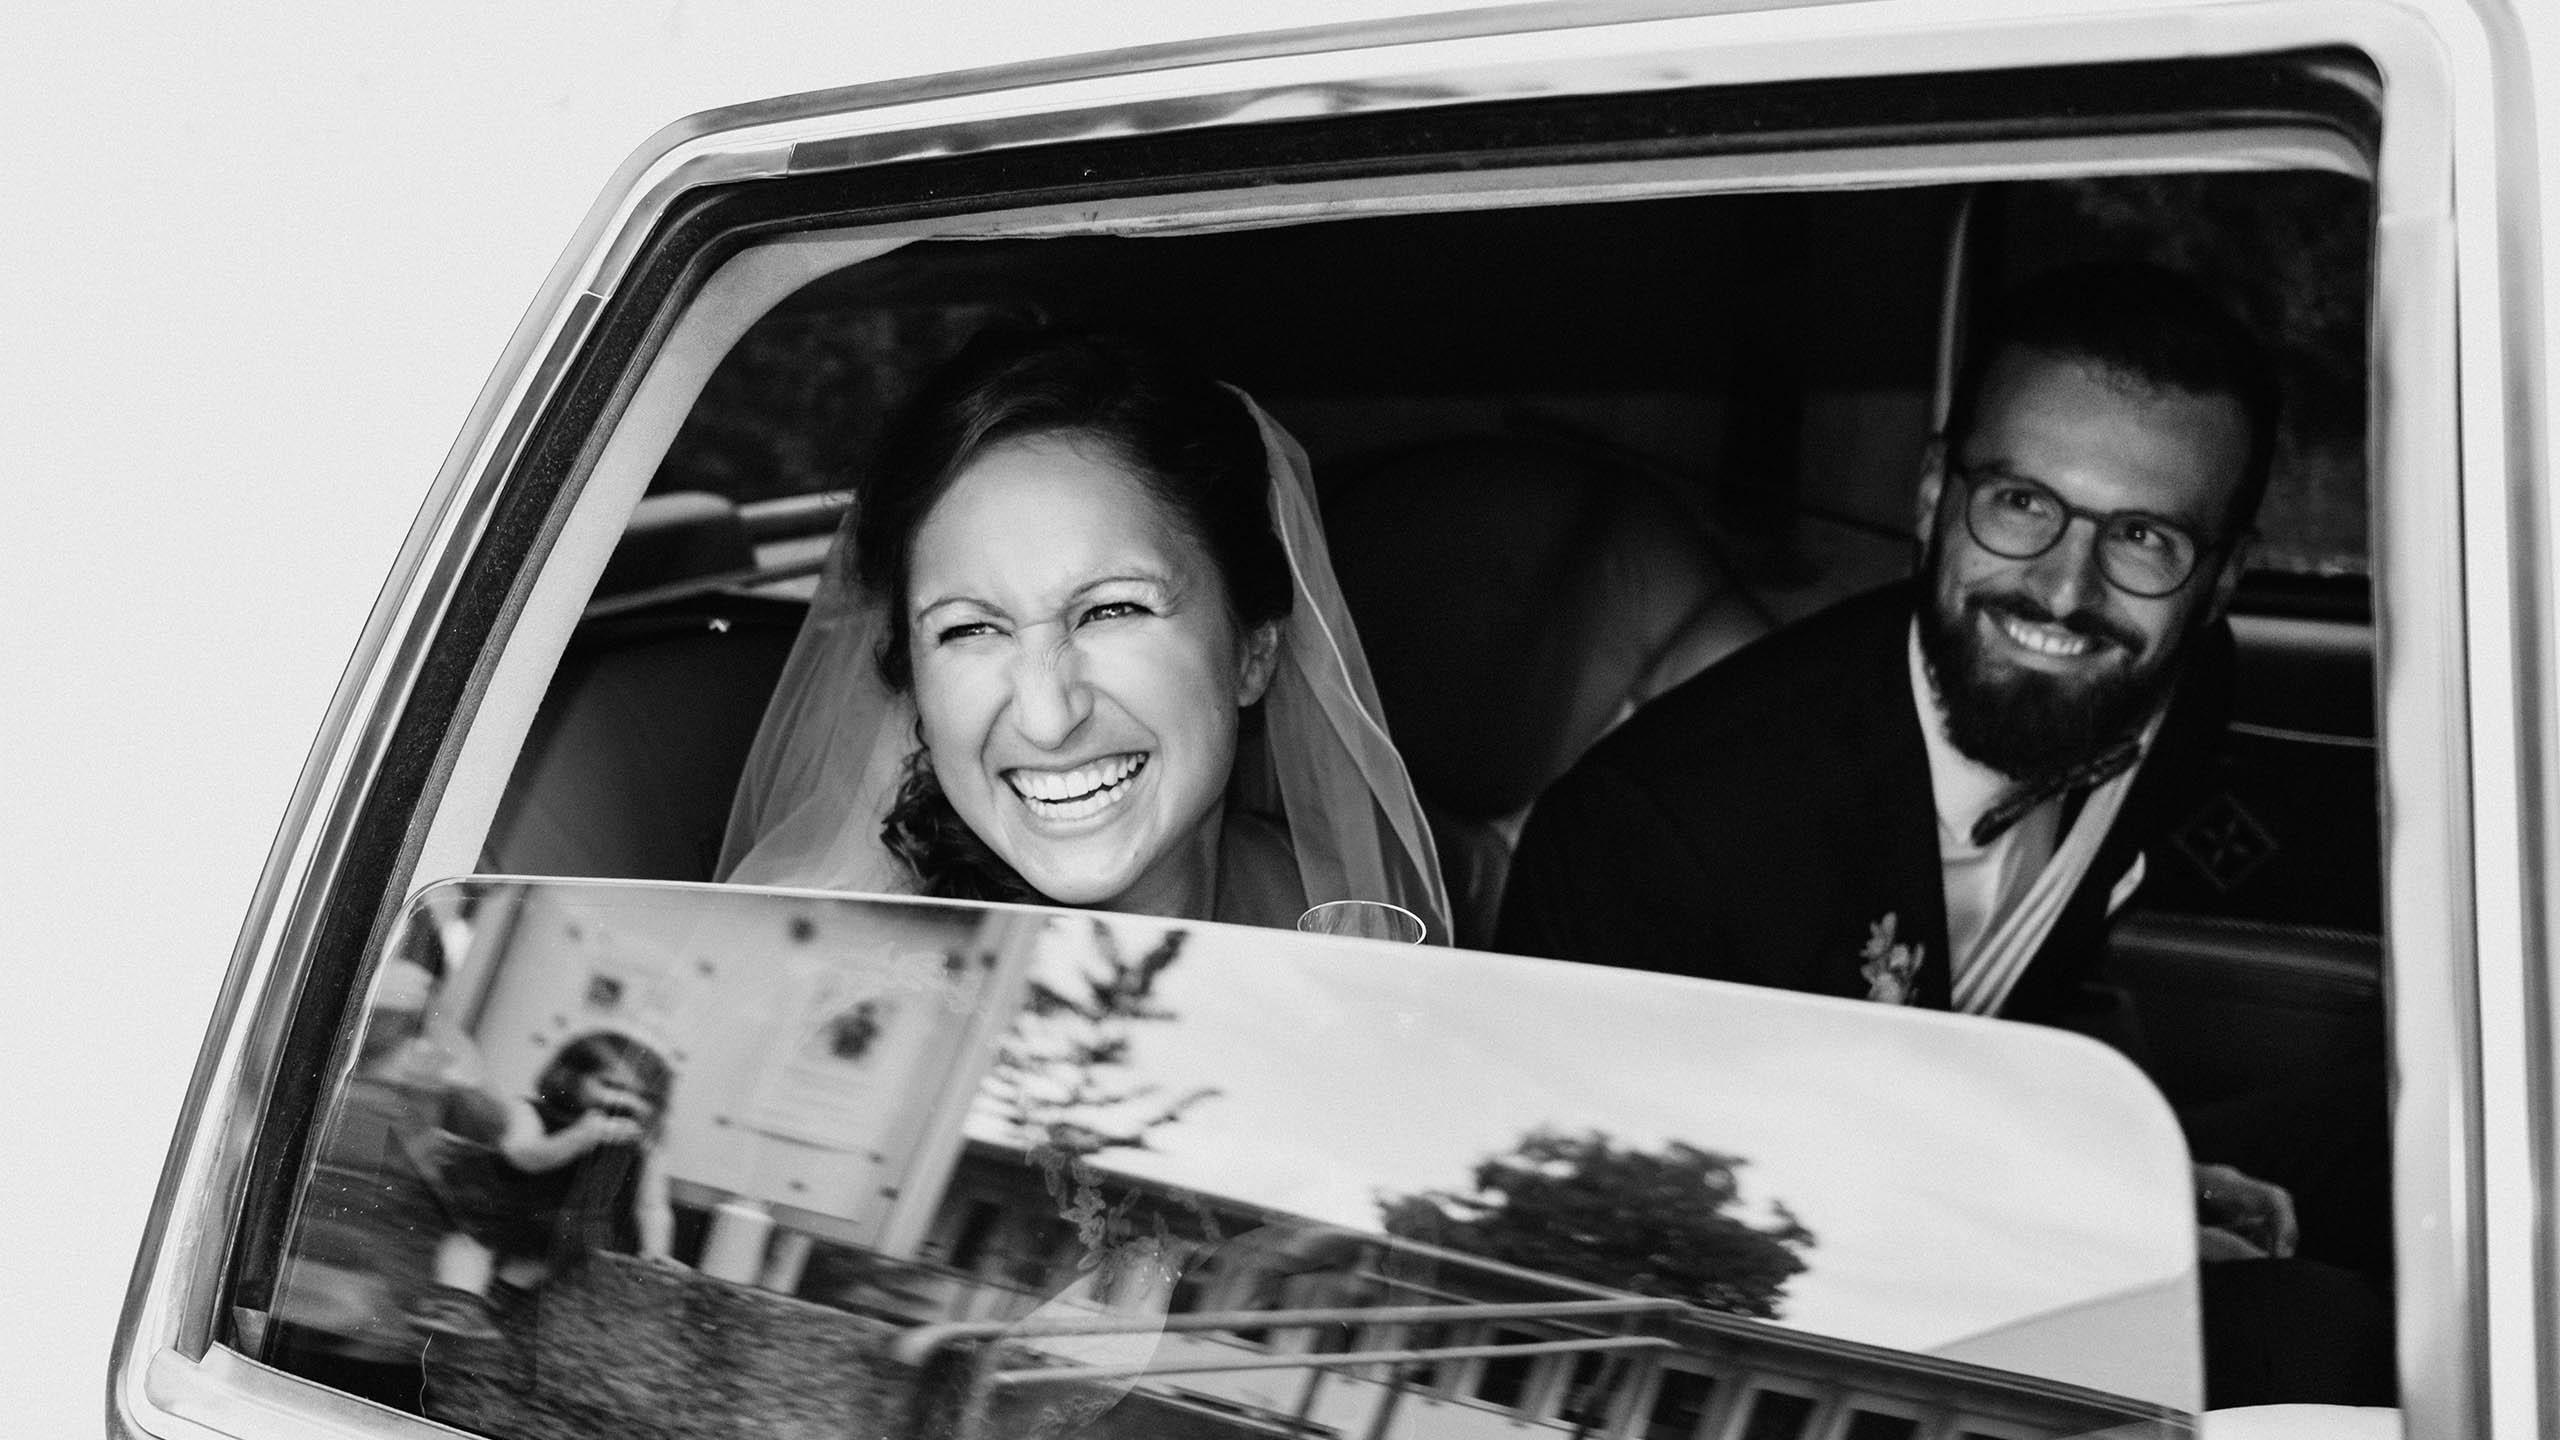 Brautpaar im Auto Limousine Beispielfoto